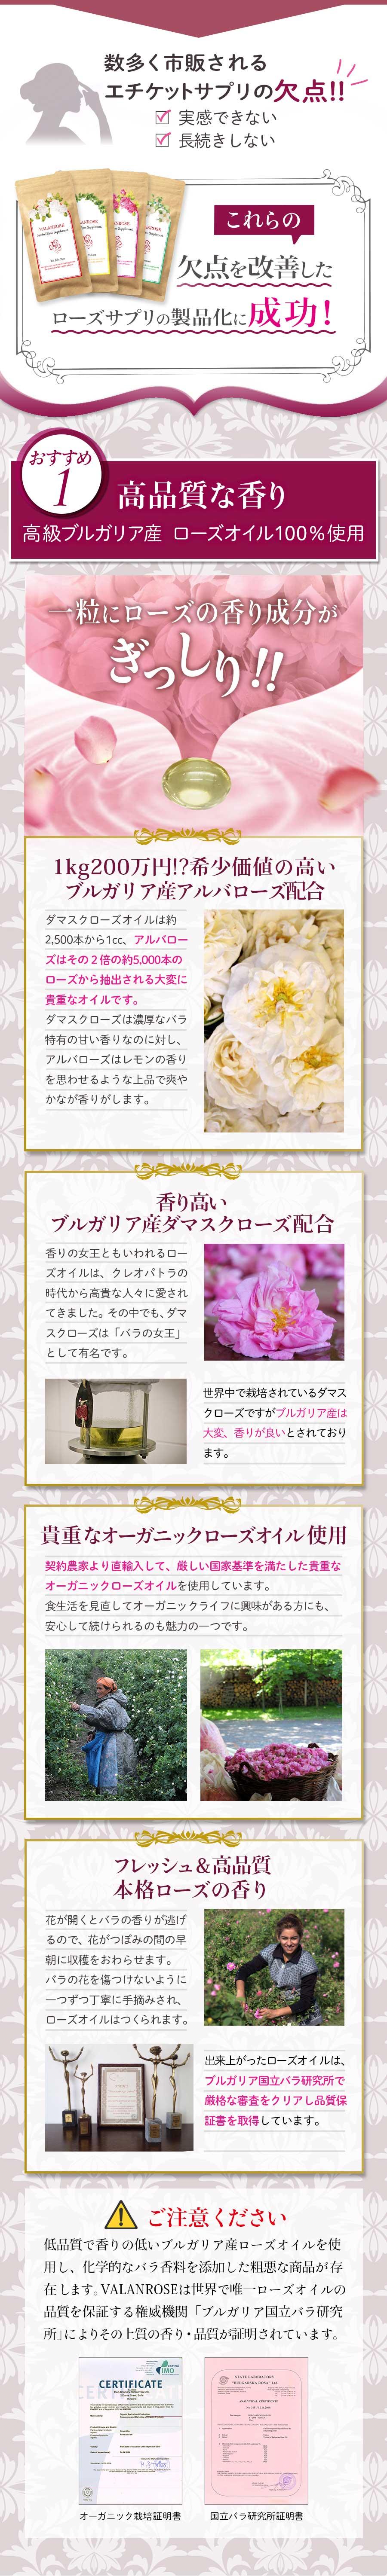 高品質な香り,本格ローズ、ブルガリア産ローズ、美容と健康